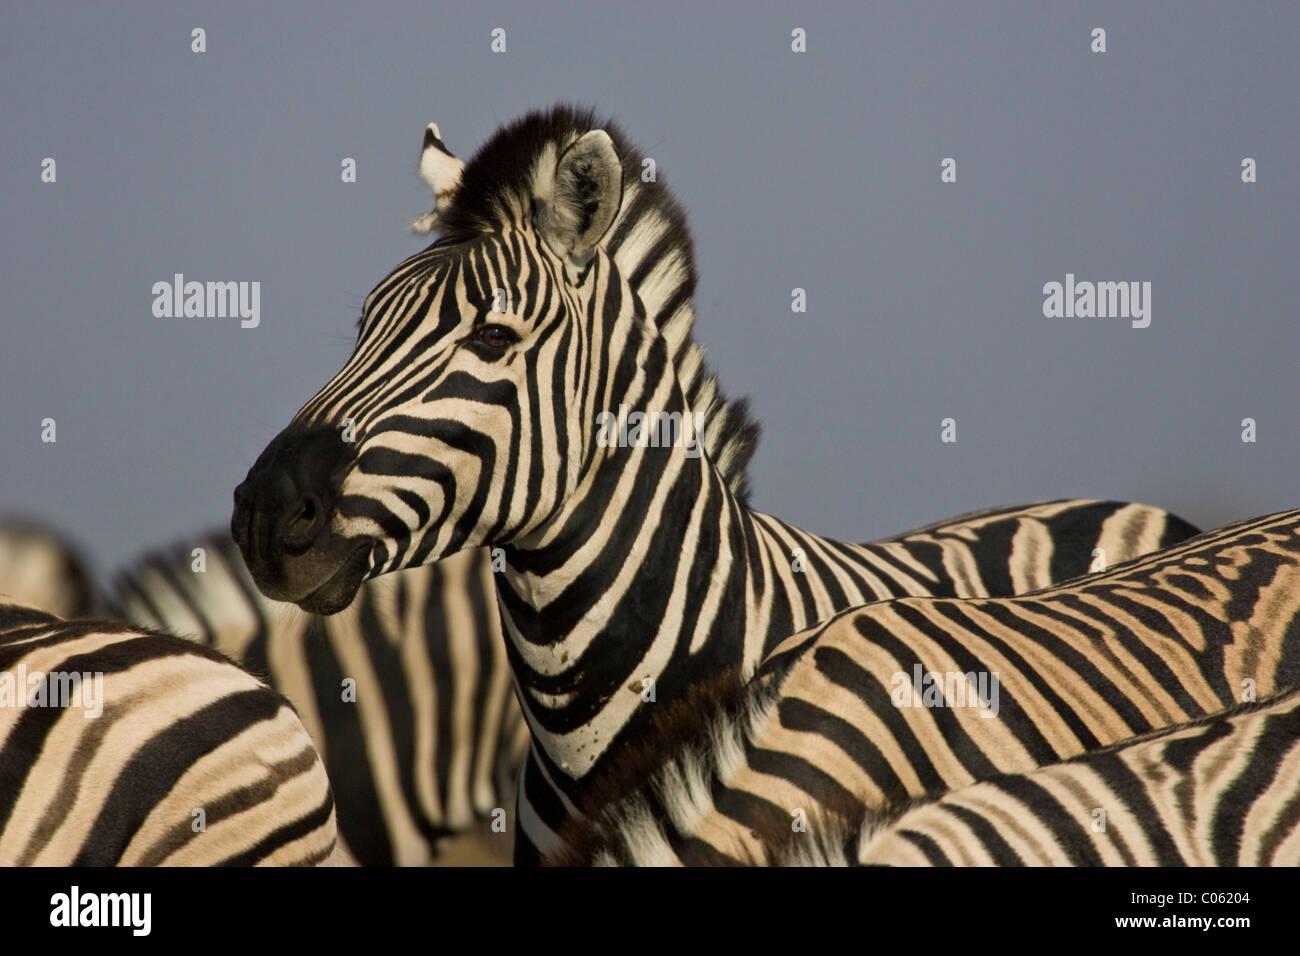 Zebra portrait, Etosha National Park, Namibia. - Stock Image